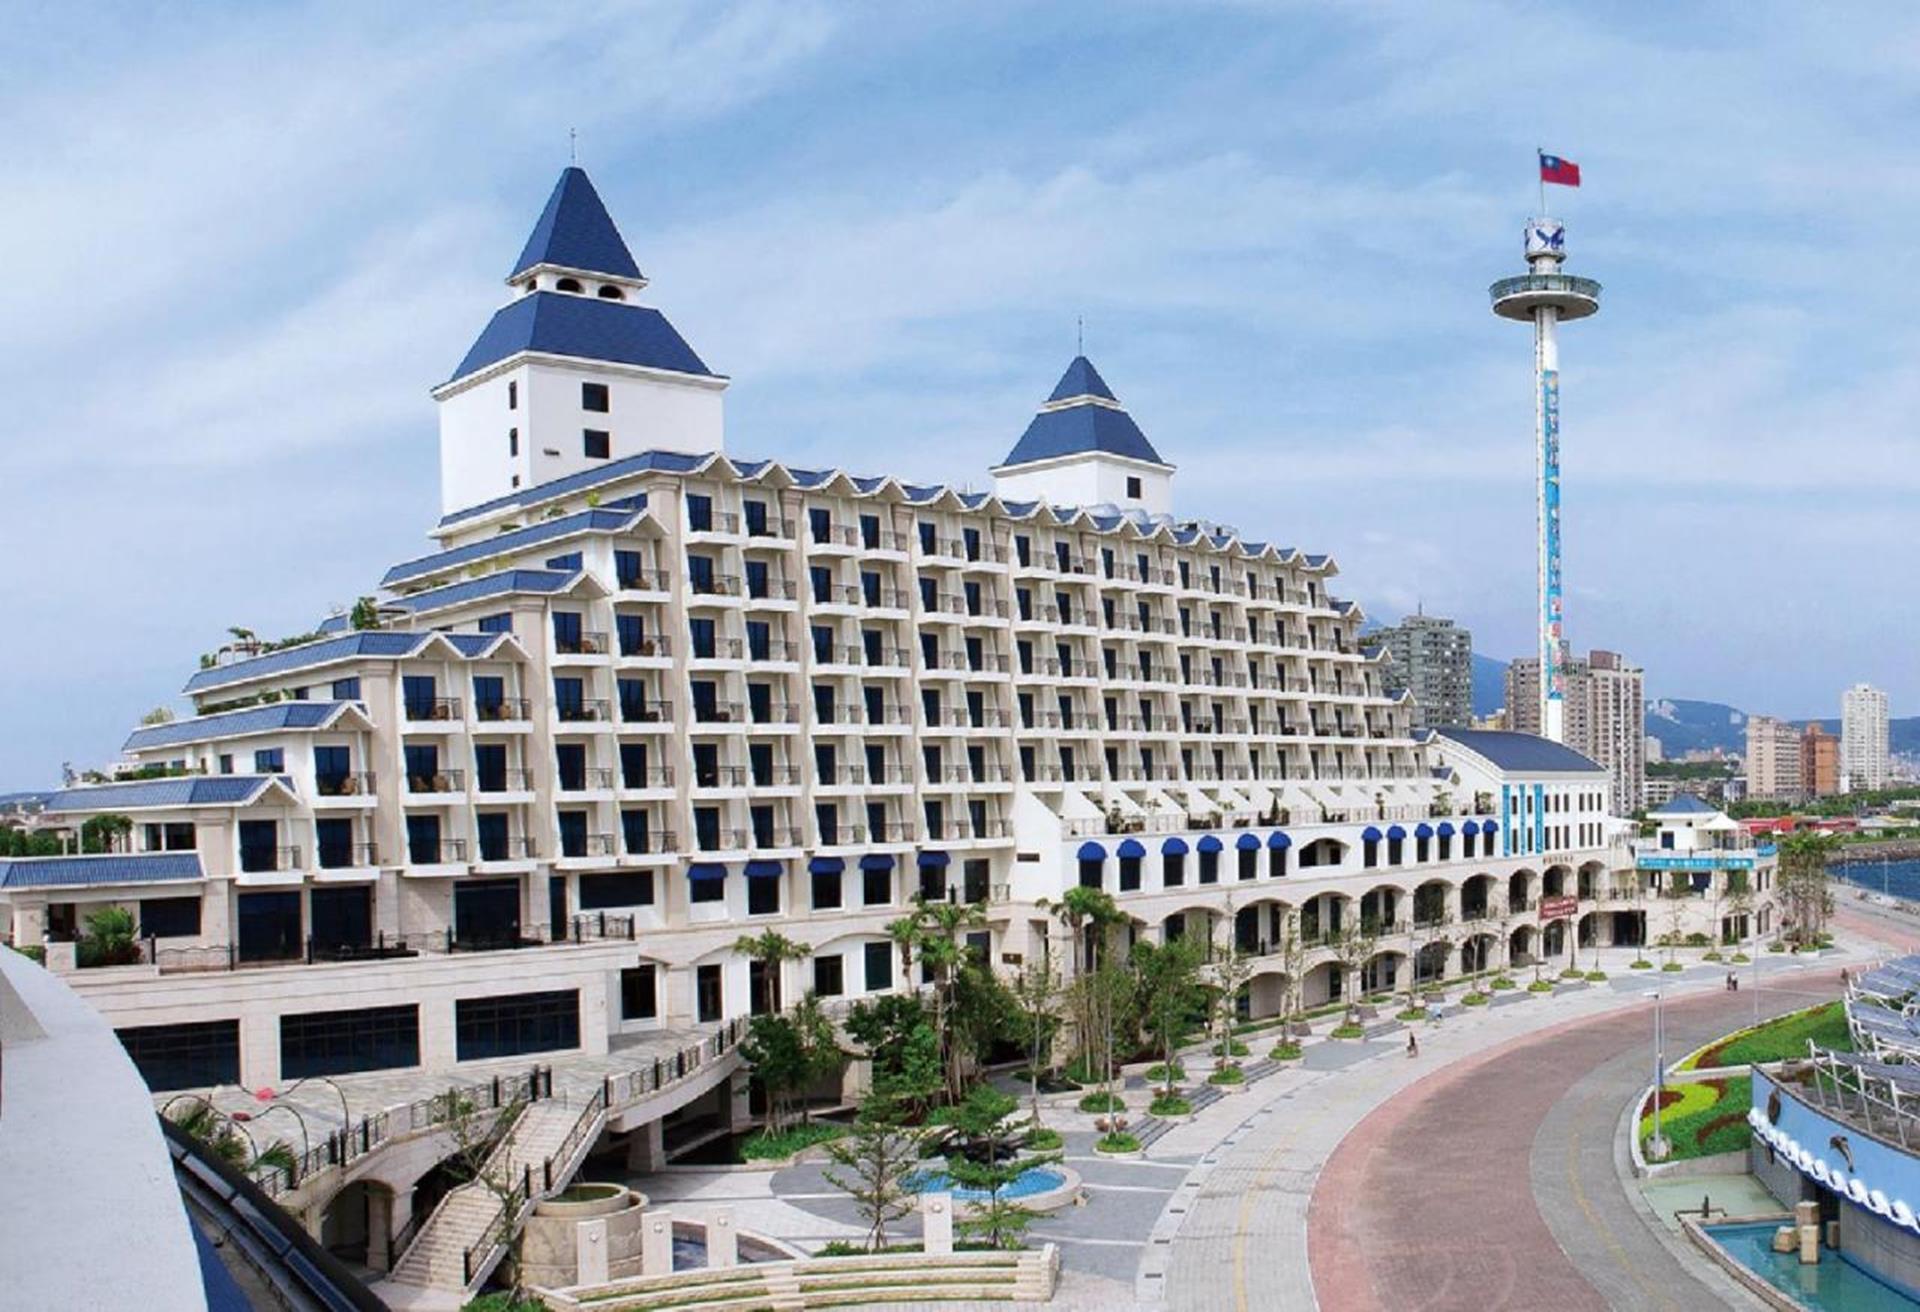 福容大飯店漁人碼頭,新北市親子飯店,新北市飯店,新北 五星級飯店